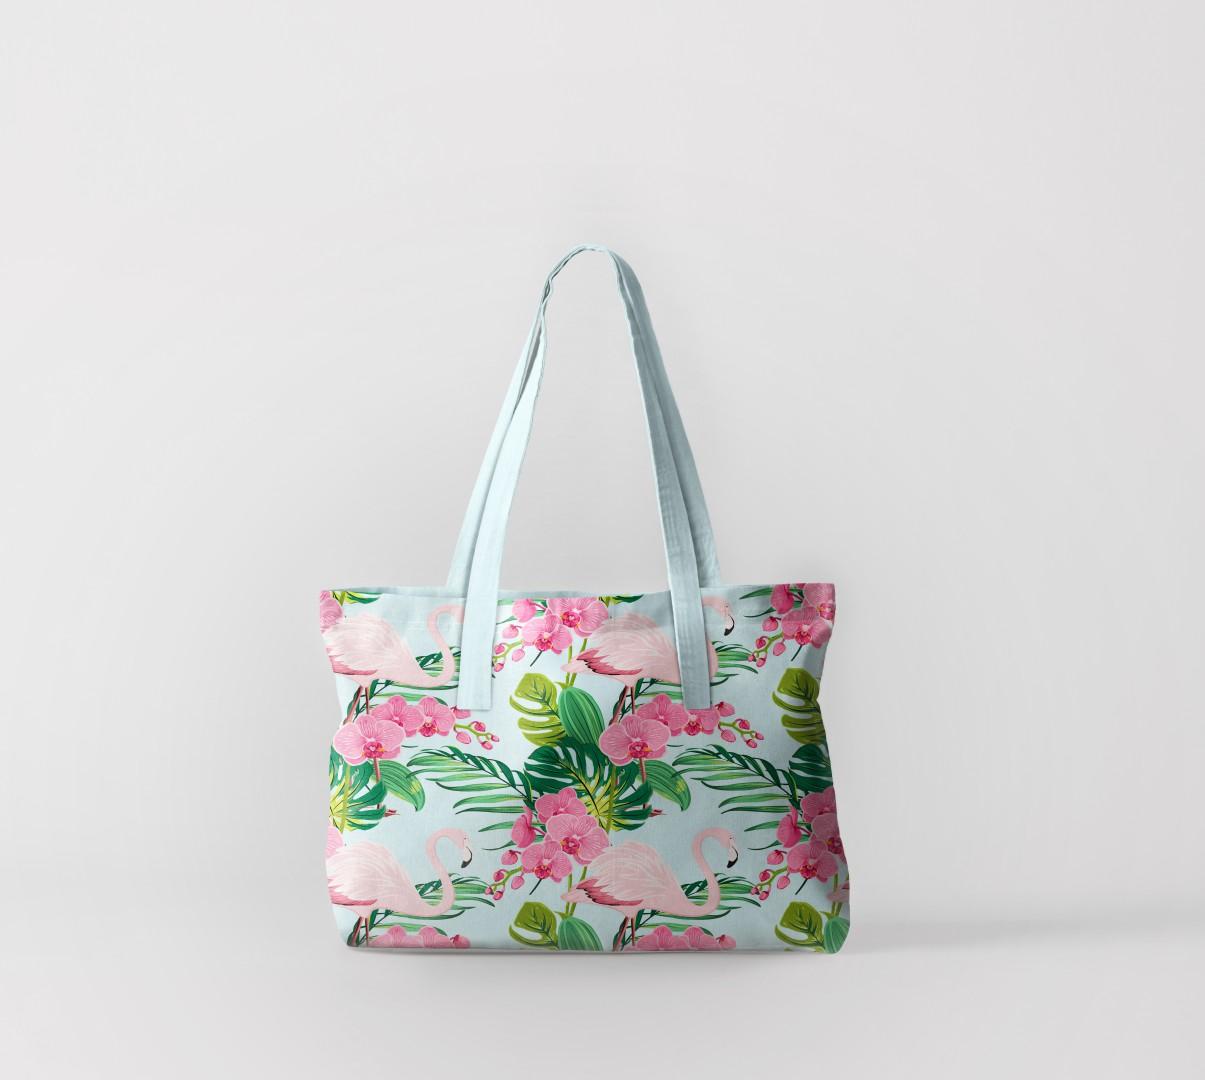 Пляжная сумка Фламинго на цветах (50х40 см) Олимп Текстиль oli732600